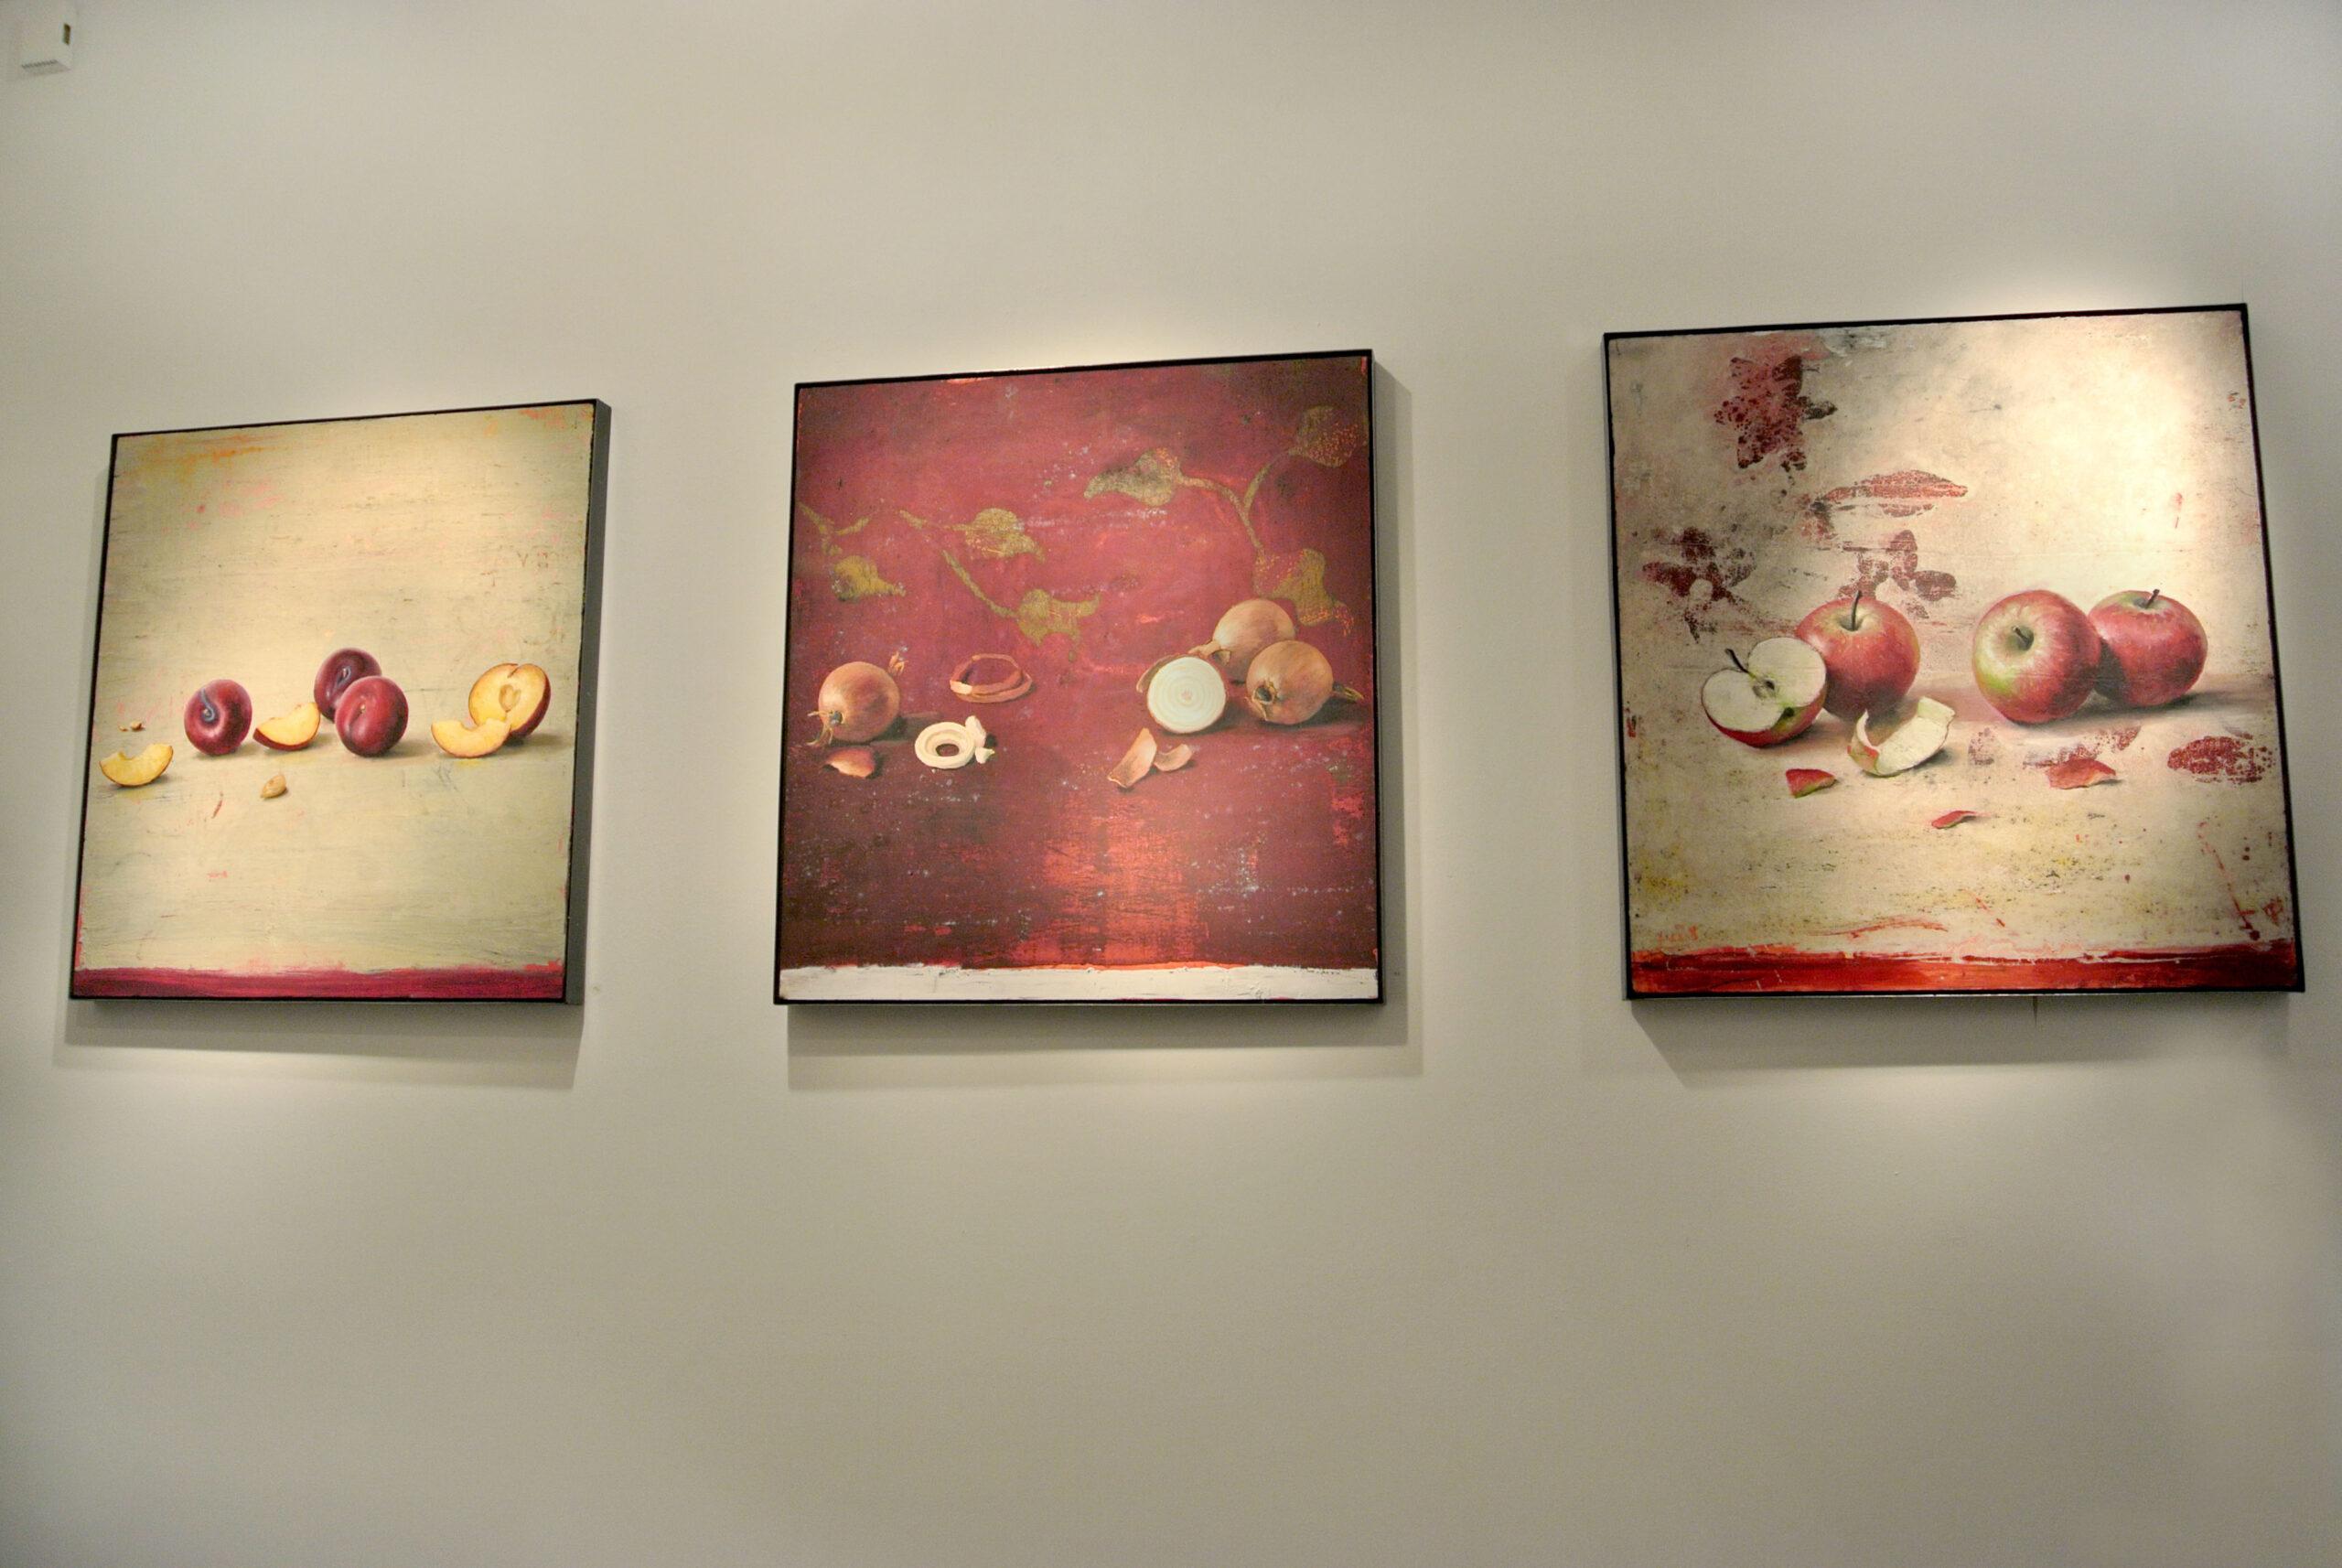 Ausstellungsansicht Michael Lauterjung in der Galerie Voigt 2015 Nürnberg ©Galerie Voigt